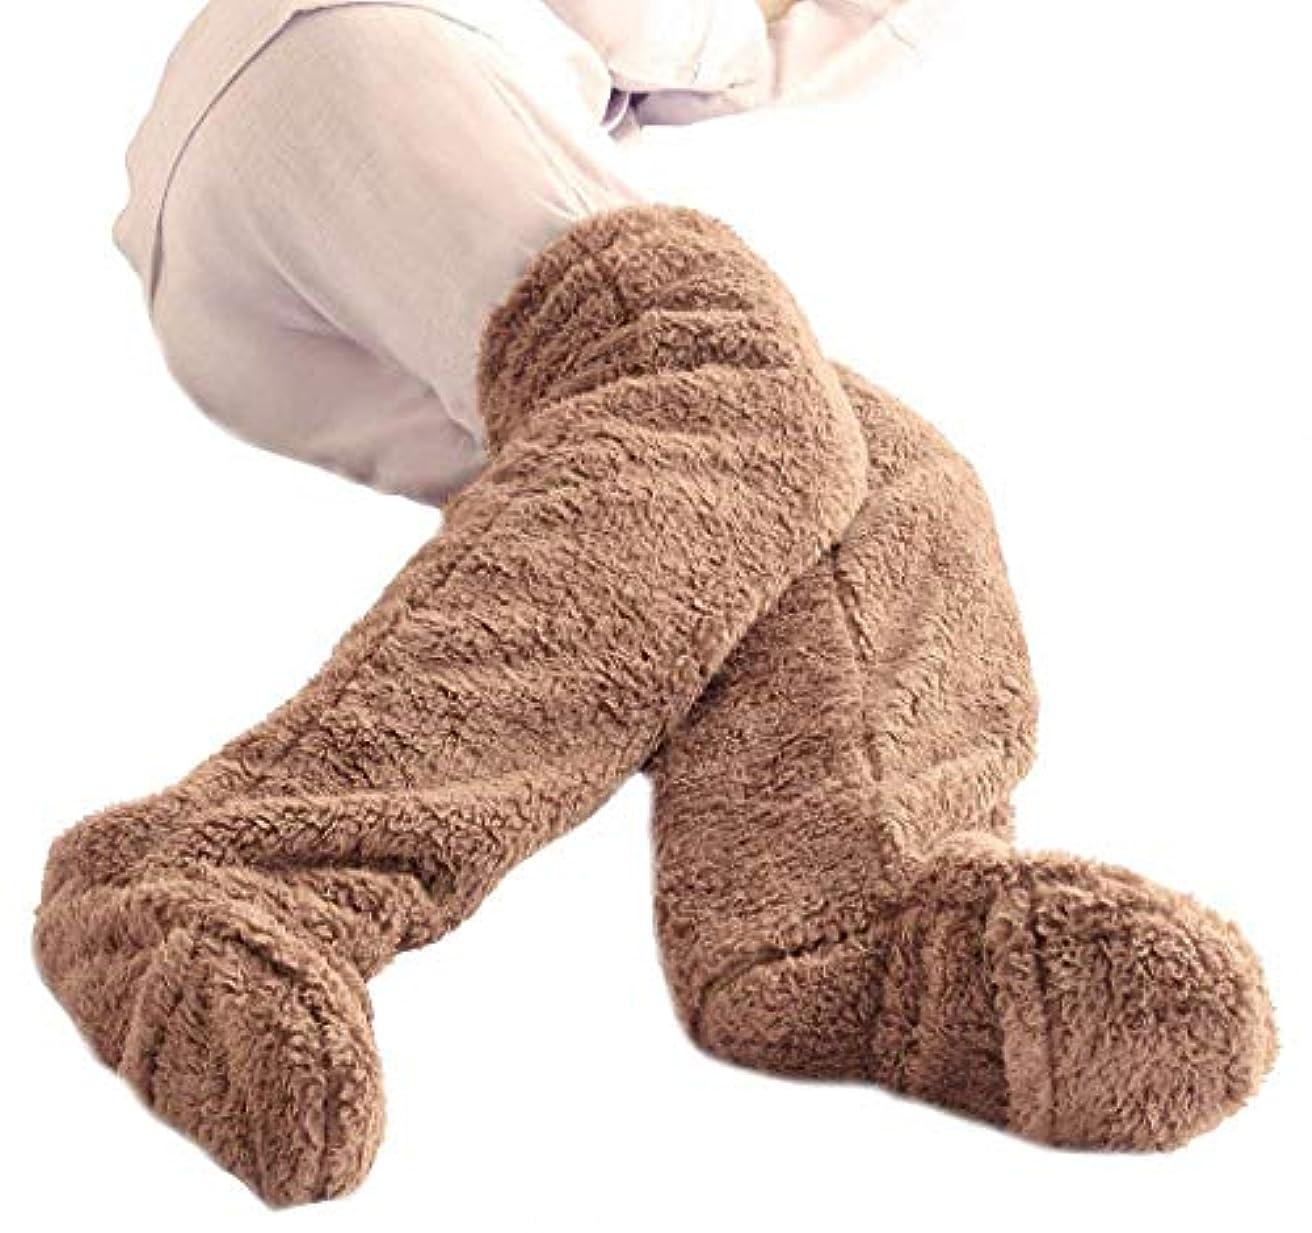 欠如シェードバンケットフリース生地 室内履き 足が出せるロングカバー 軽量ヒートソックス 歩ける ロングカバー 極暖 ルームソックスルームシューズ